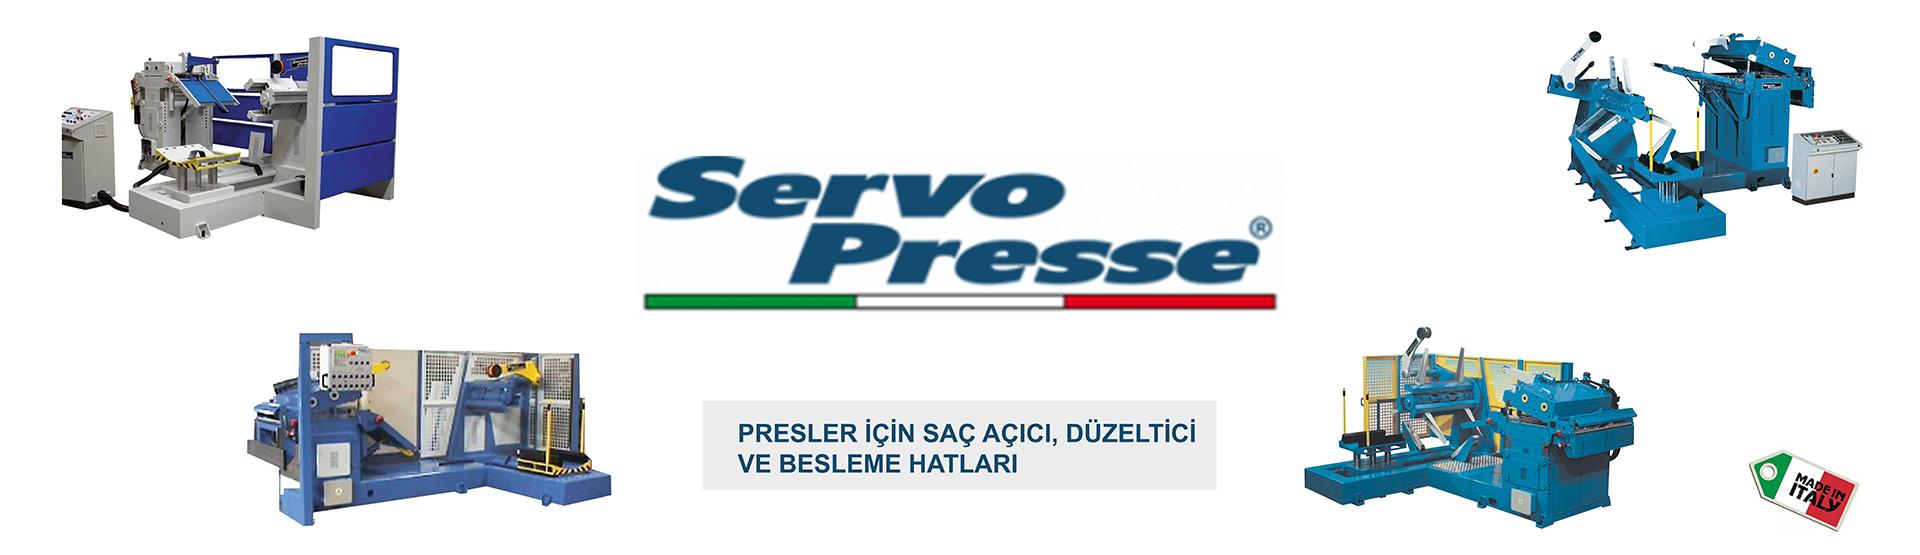 SERVO-PRESSE